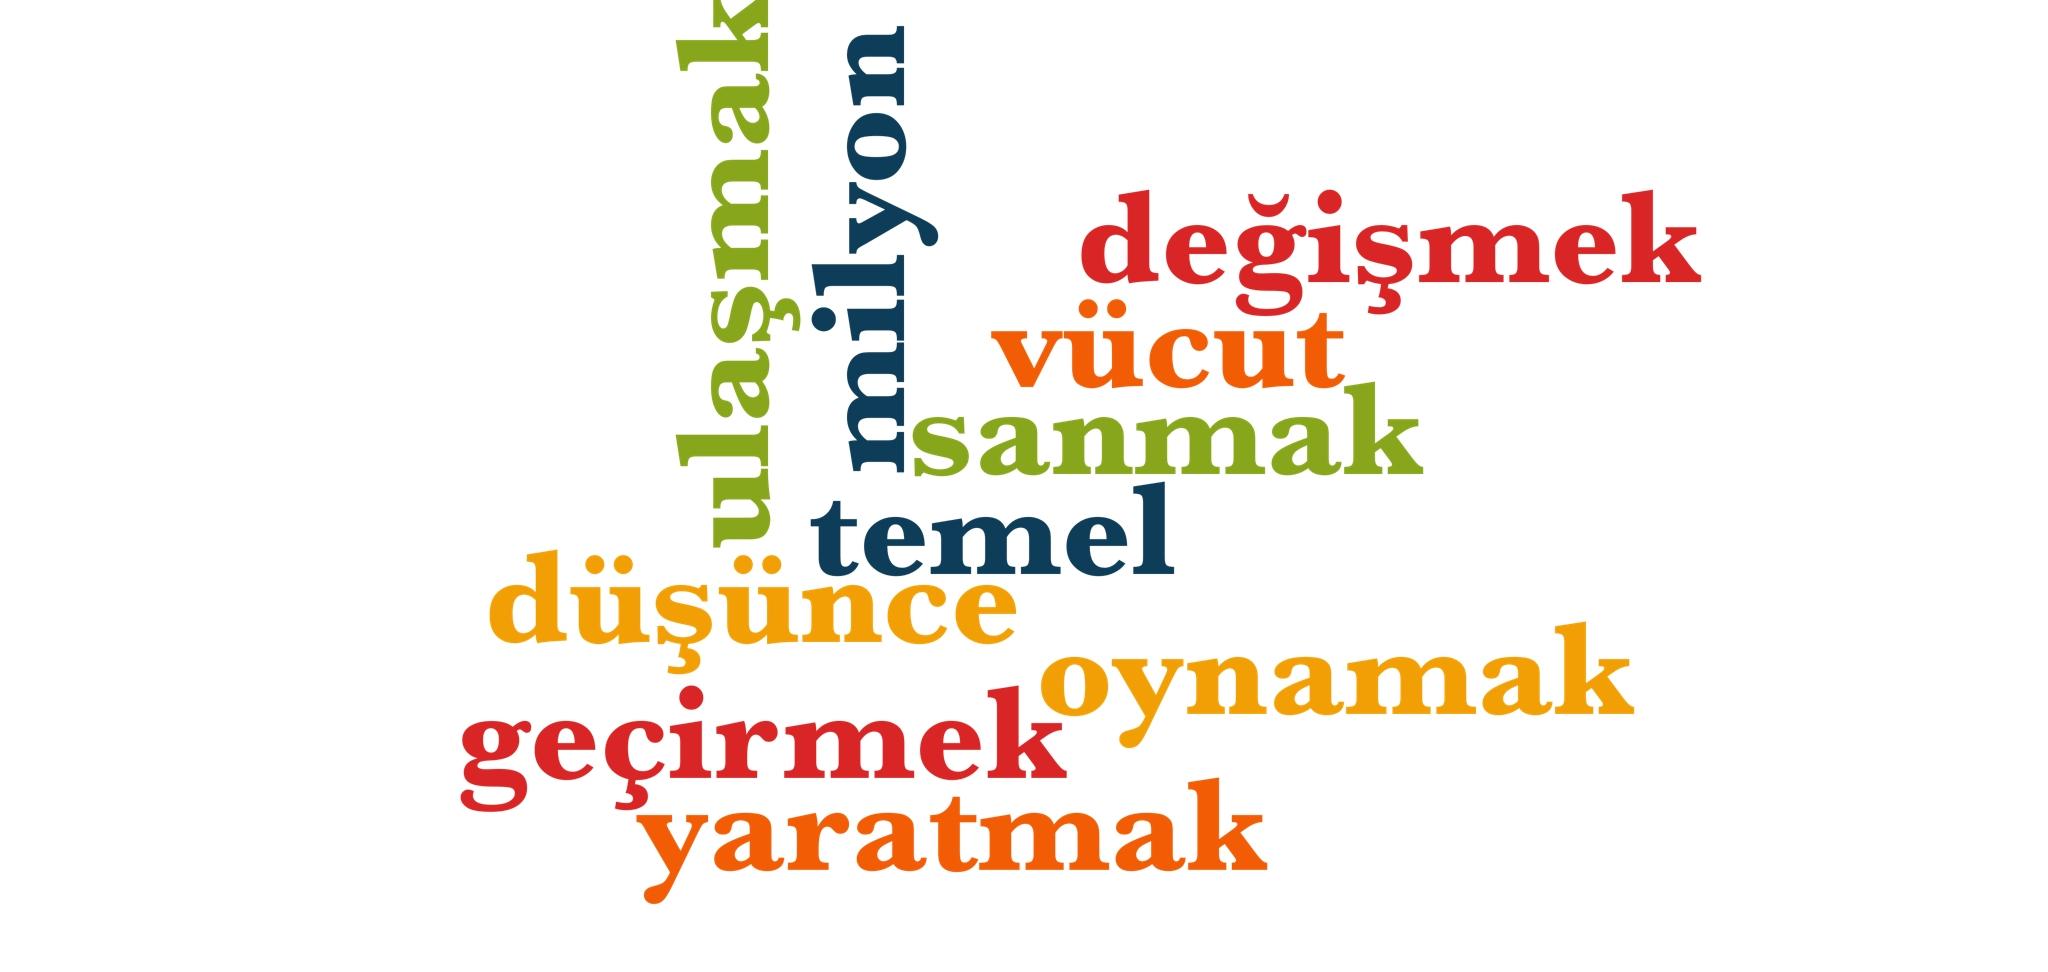 Wörter 301 bis 310 der 1000 häufigsten Wörter der türkischen Sprache